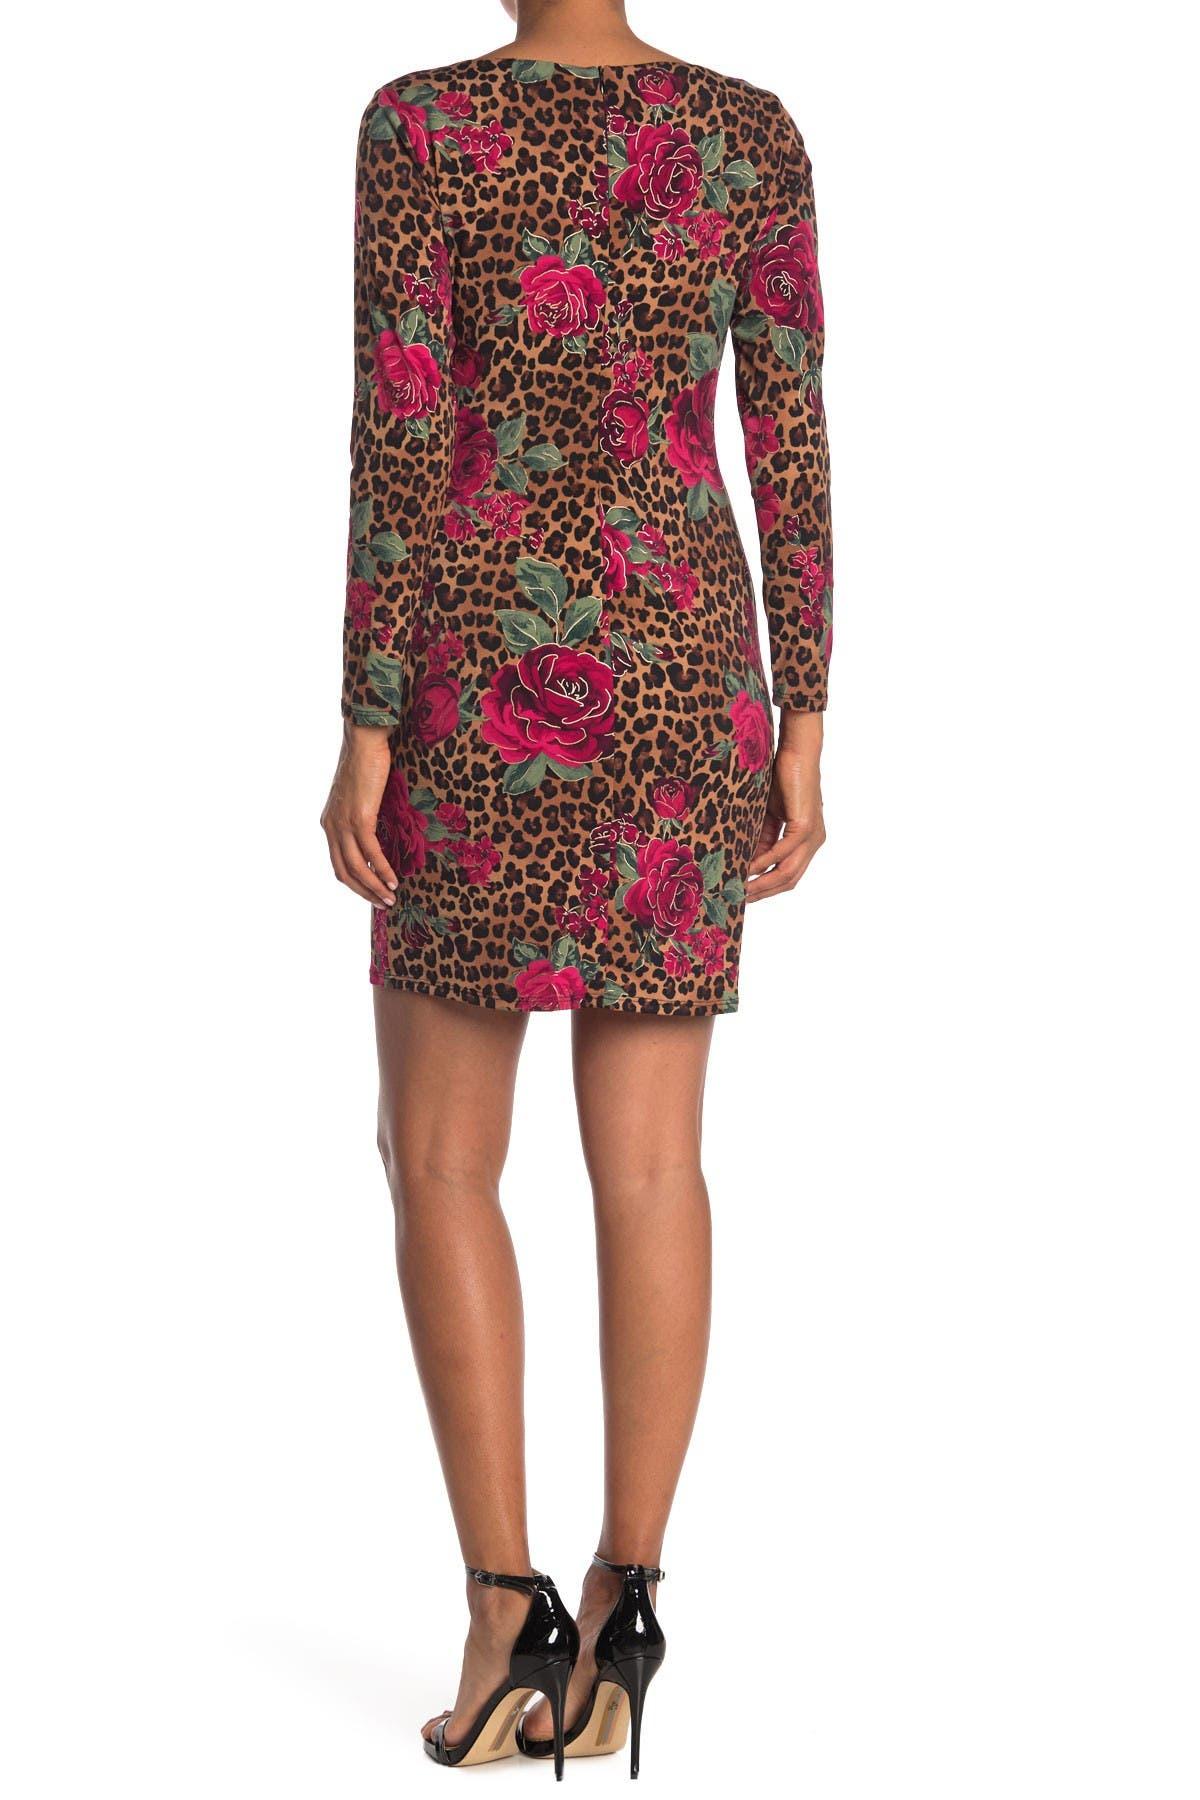 Image of TASH + SOPHIE Leopard Floral Front Twist Dress